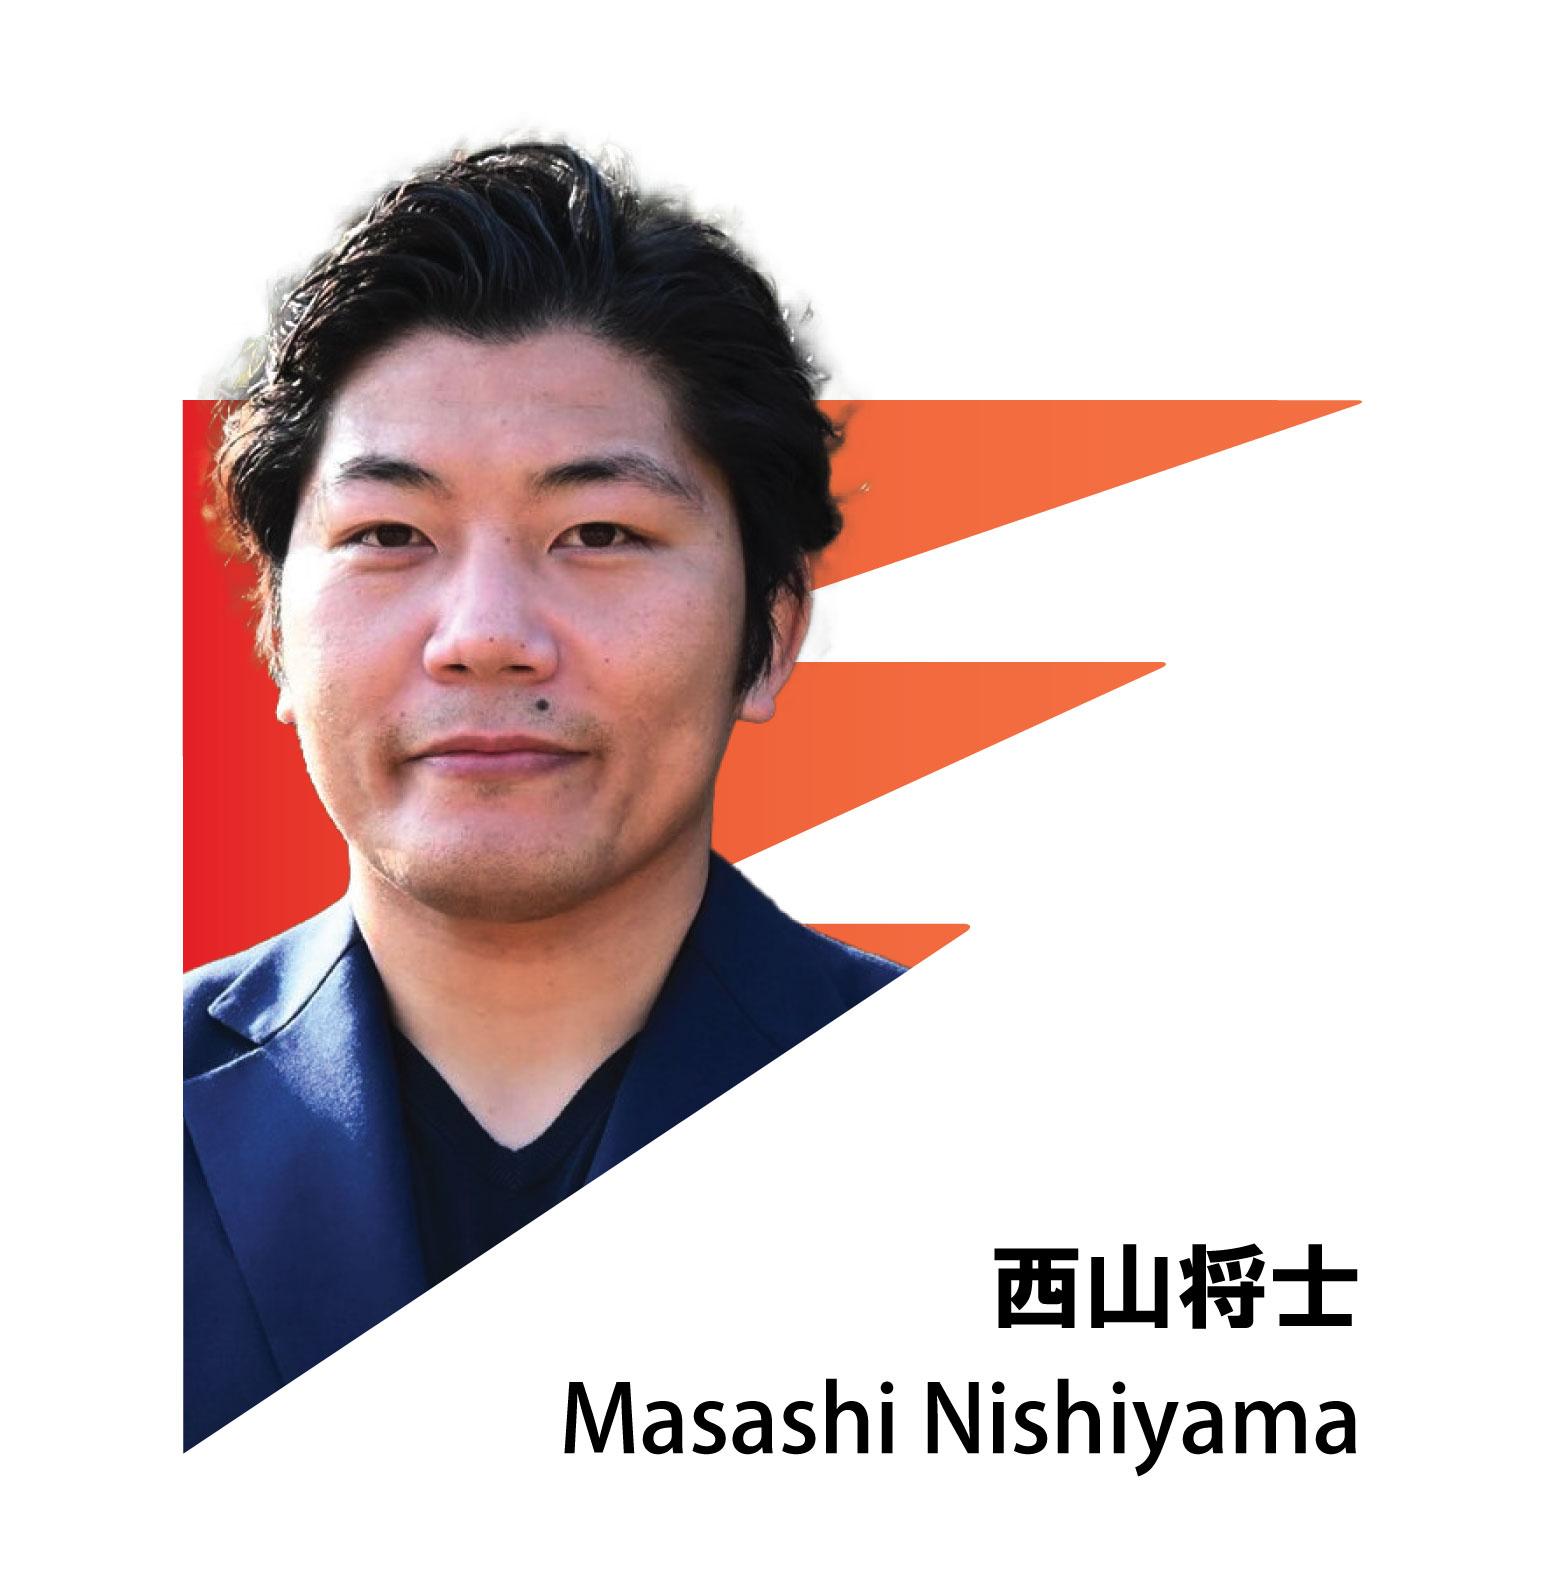 MASASHI NISHIYAMA